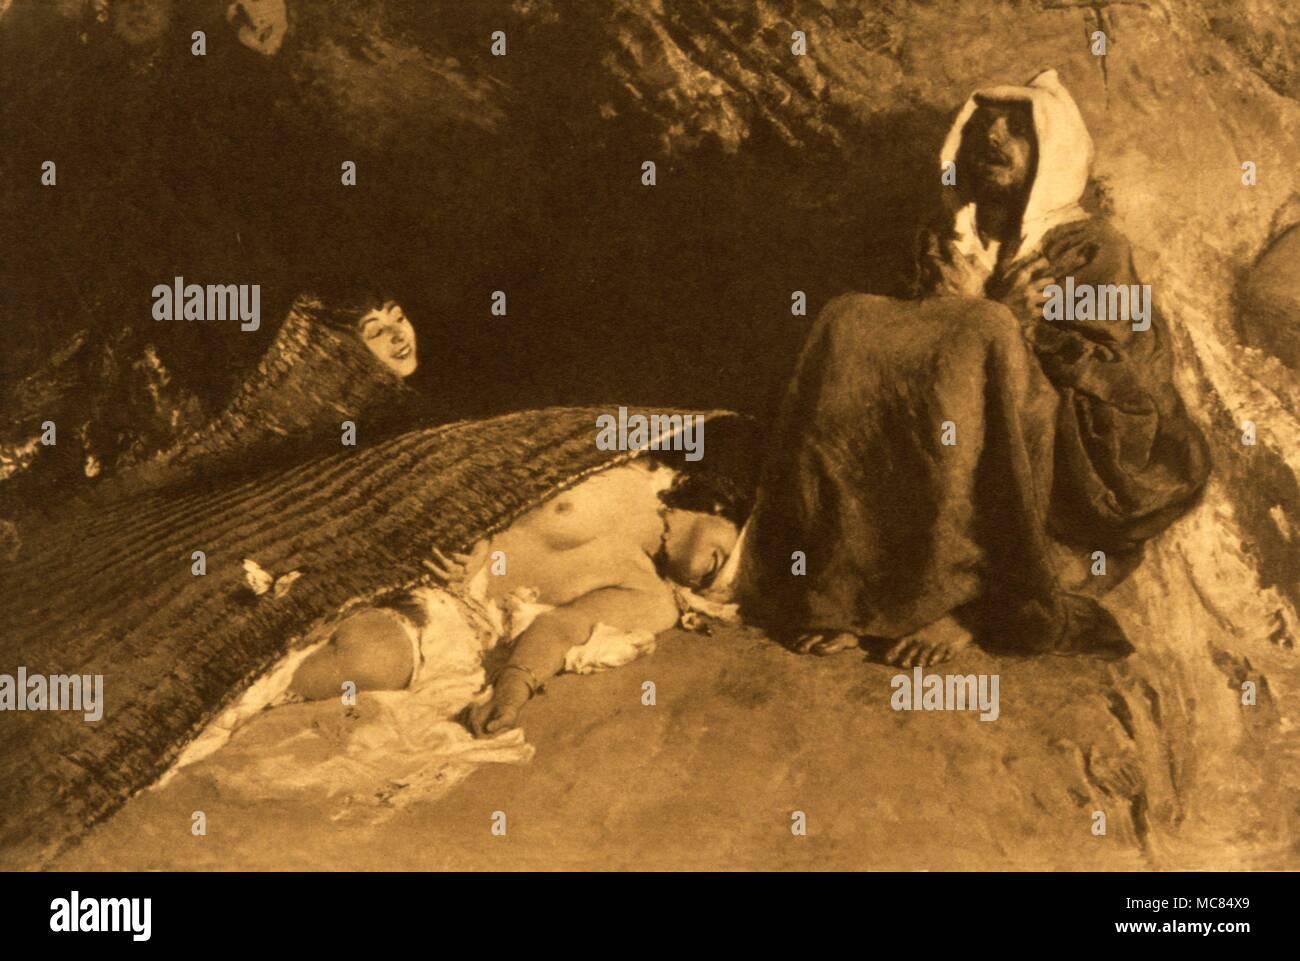 """Gravure d'après la peinture vers 1880, """"La Tentation de Saint Antoine"""" de Domenico Morelli. La croix et la lettre N sculptés sur le mur derrière le Saint est intéressant: la n'est probablement destinée à la Nike grec, signifiant 'victoire'. Photo Stock"""